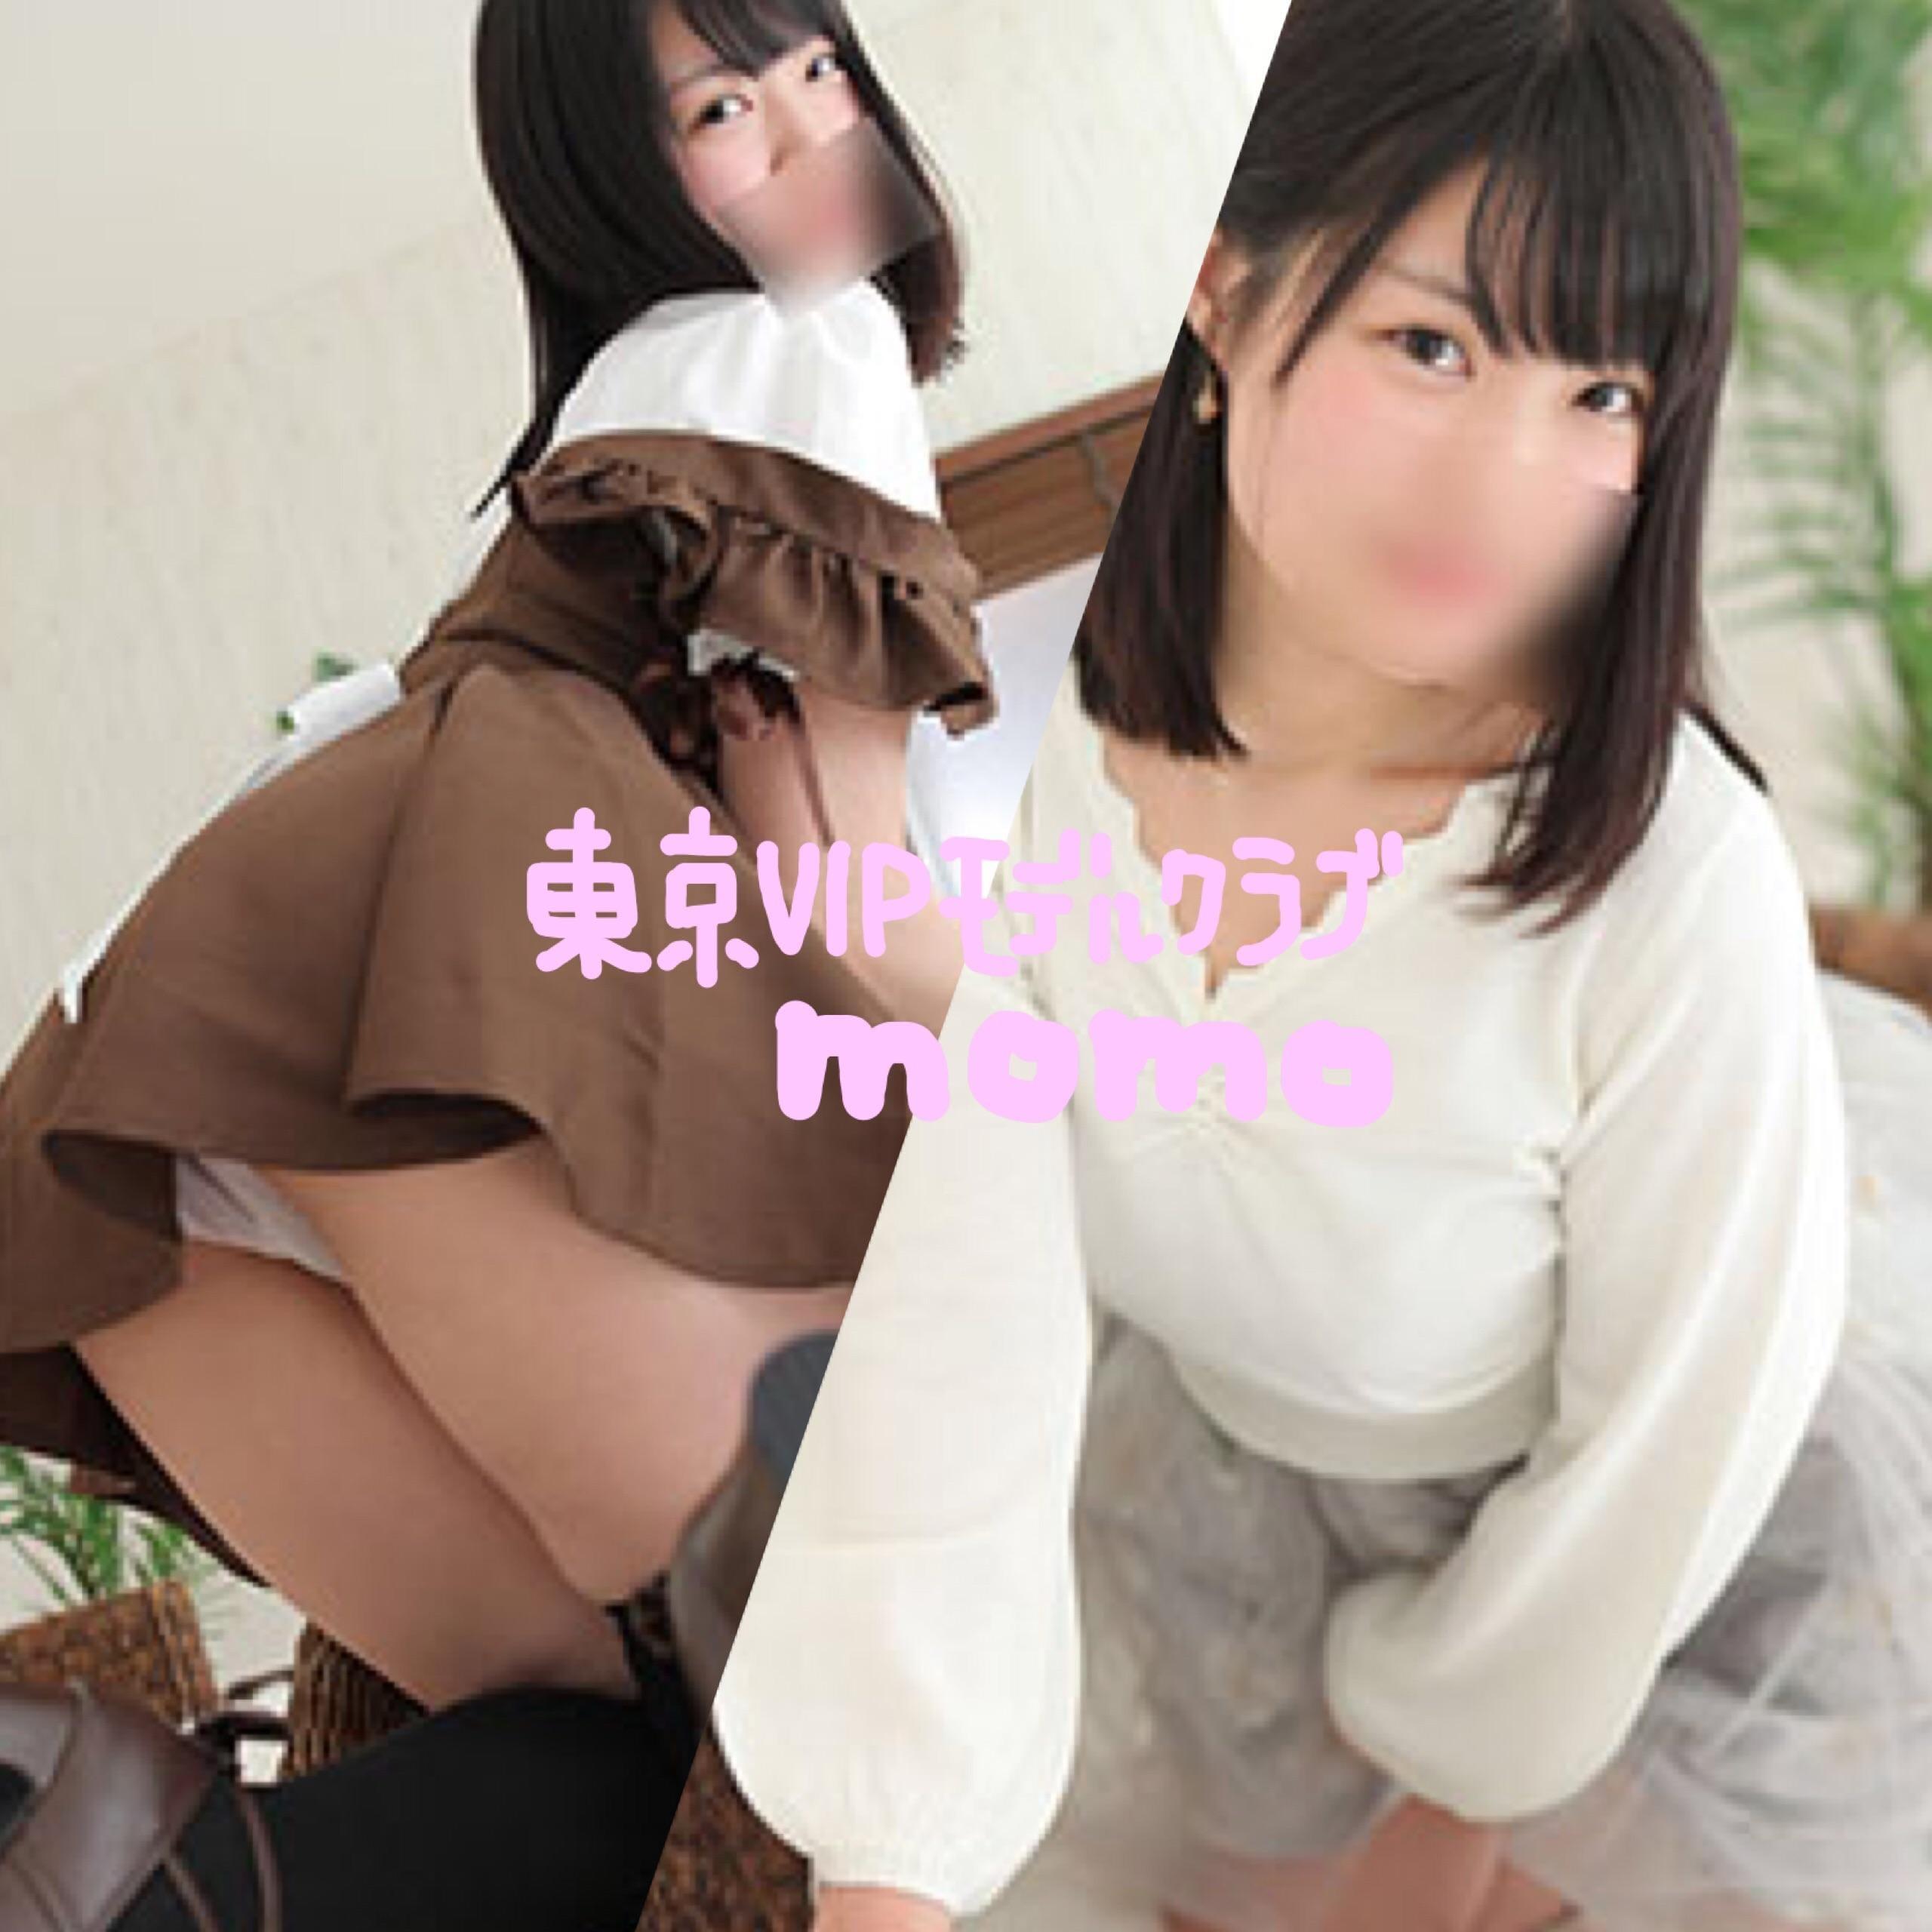 「自己紹介♪」10/21(10/21) 15:54   ももの写メ・風俗動画